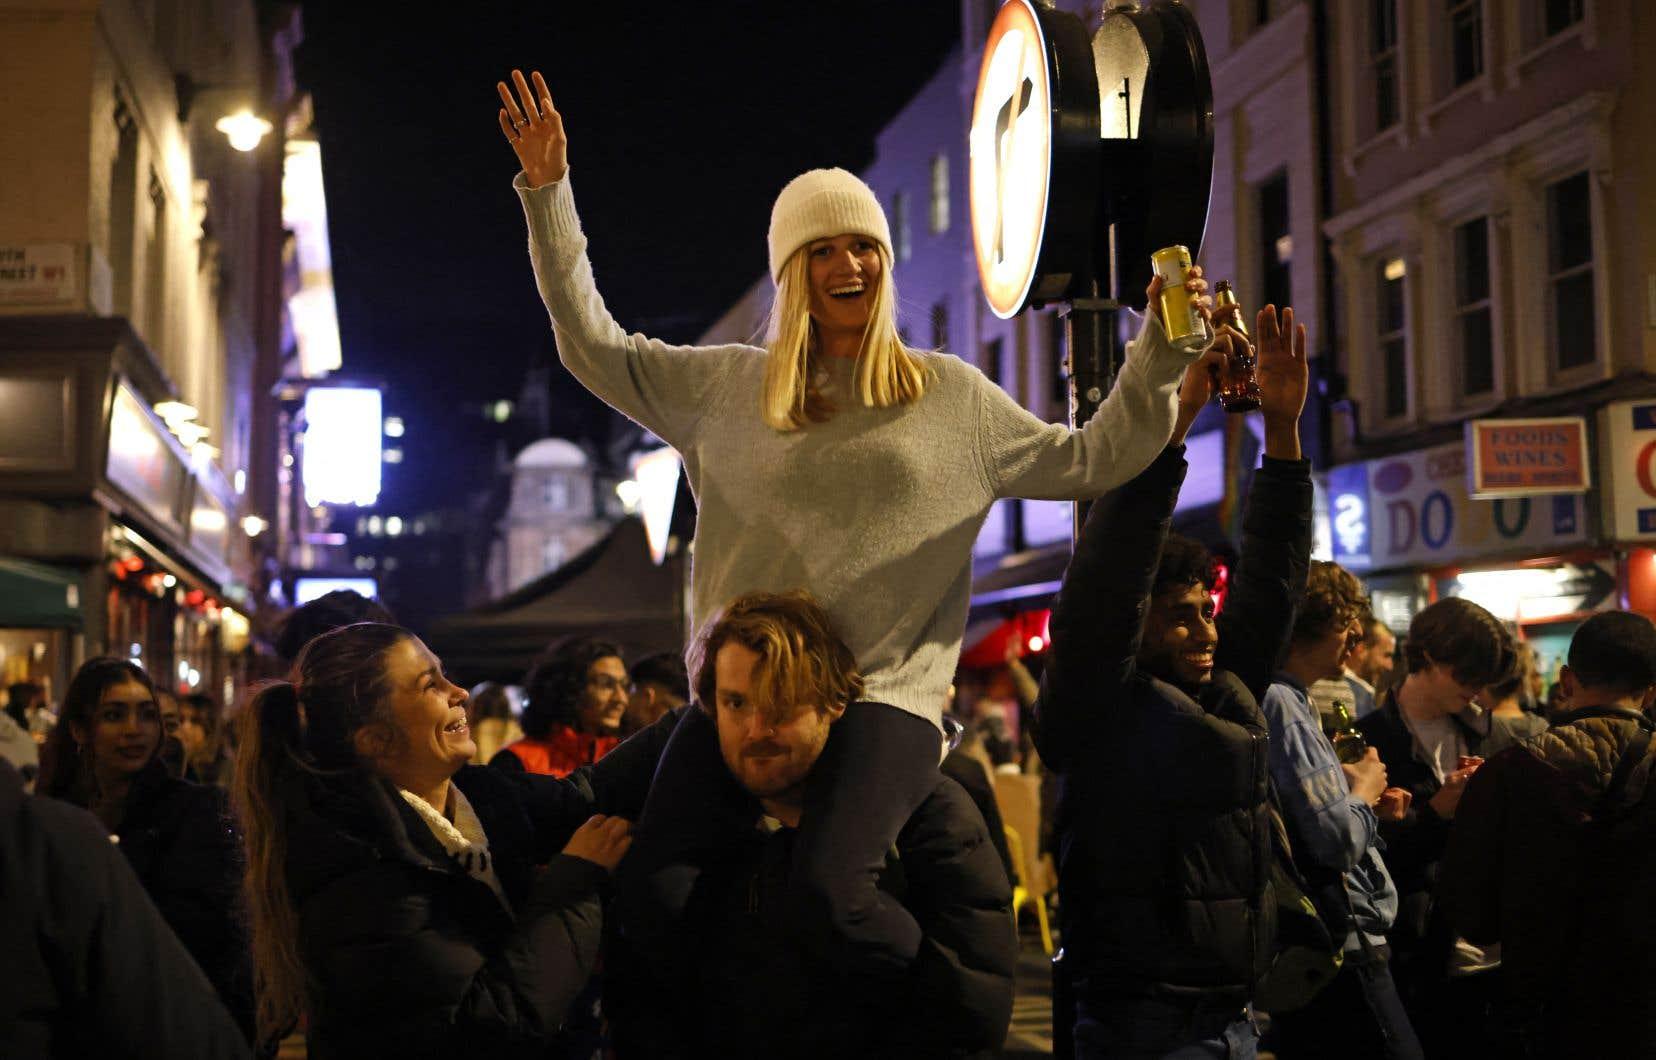 Plusieurs personnes fêtent dans les rues de Londres, alors que les consignes sanitaires mises en place pour combattre le coronavirus ont été assouplies.